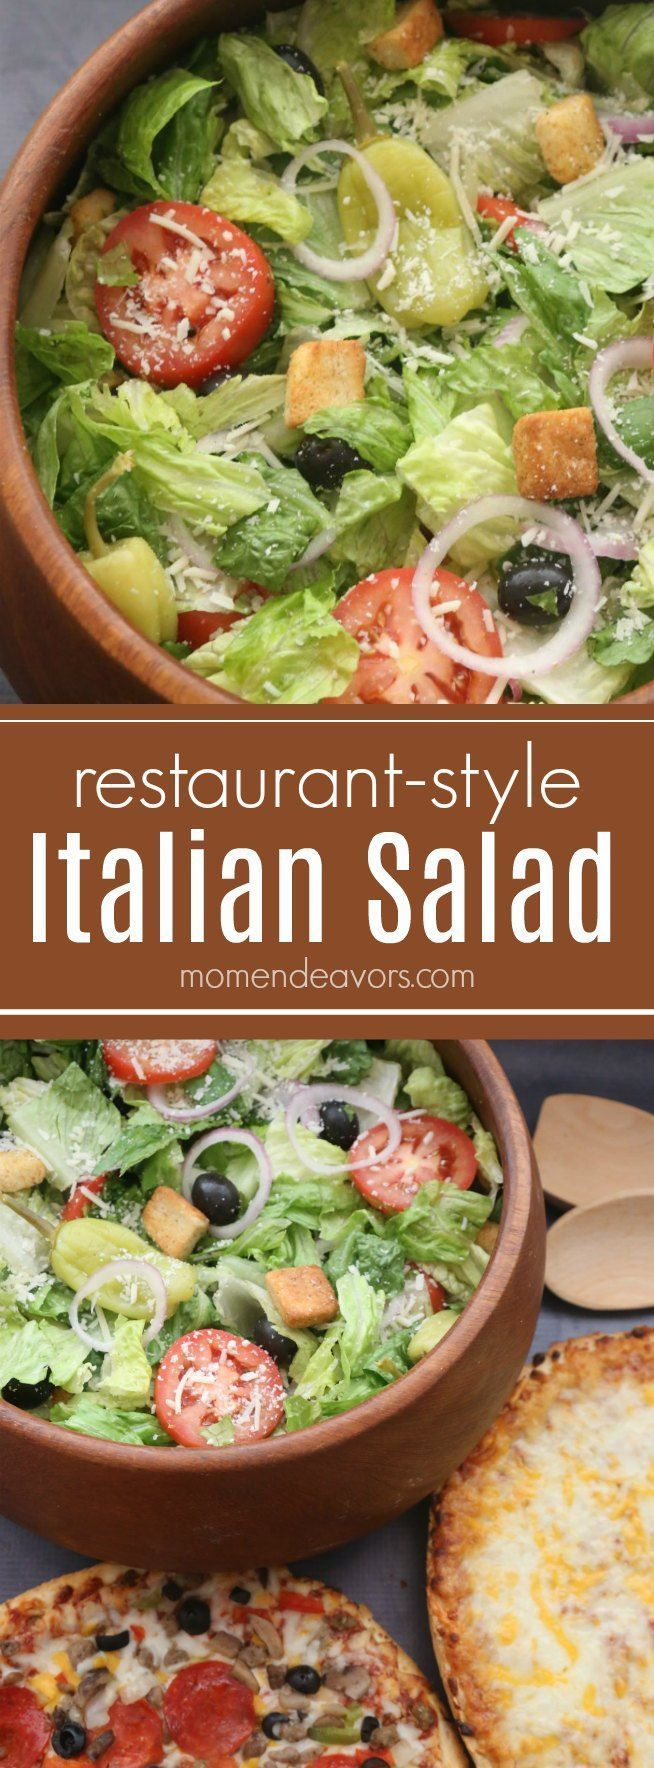 Einfaches italienisches Salatrezept nach Art eines Restaurants – passt perfekt zu … – lecker